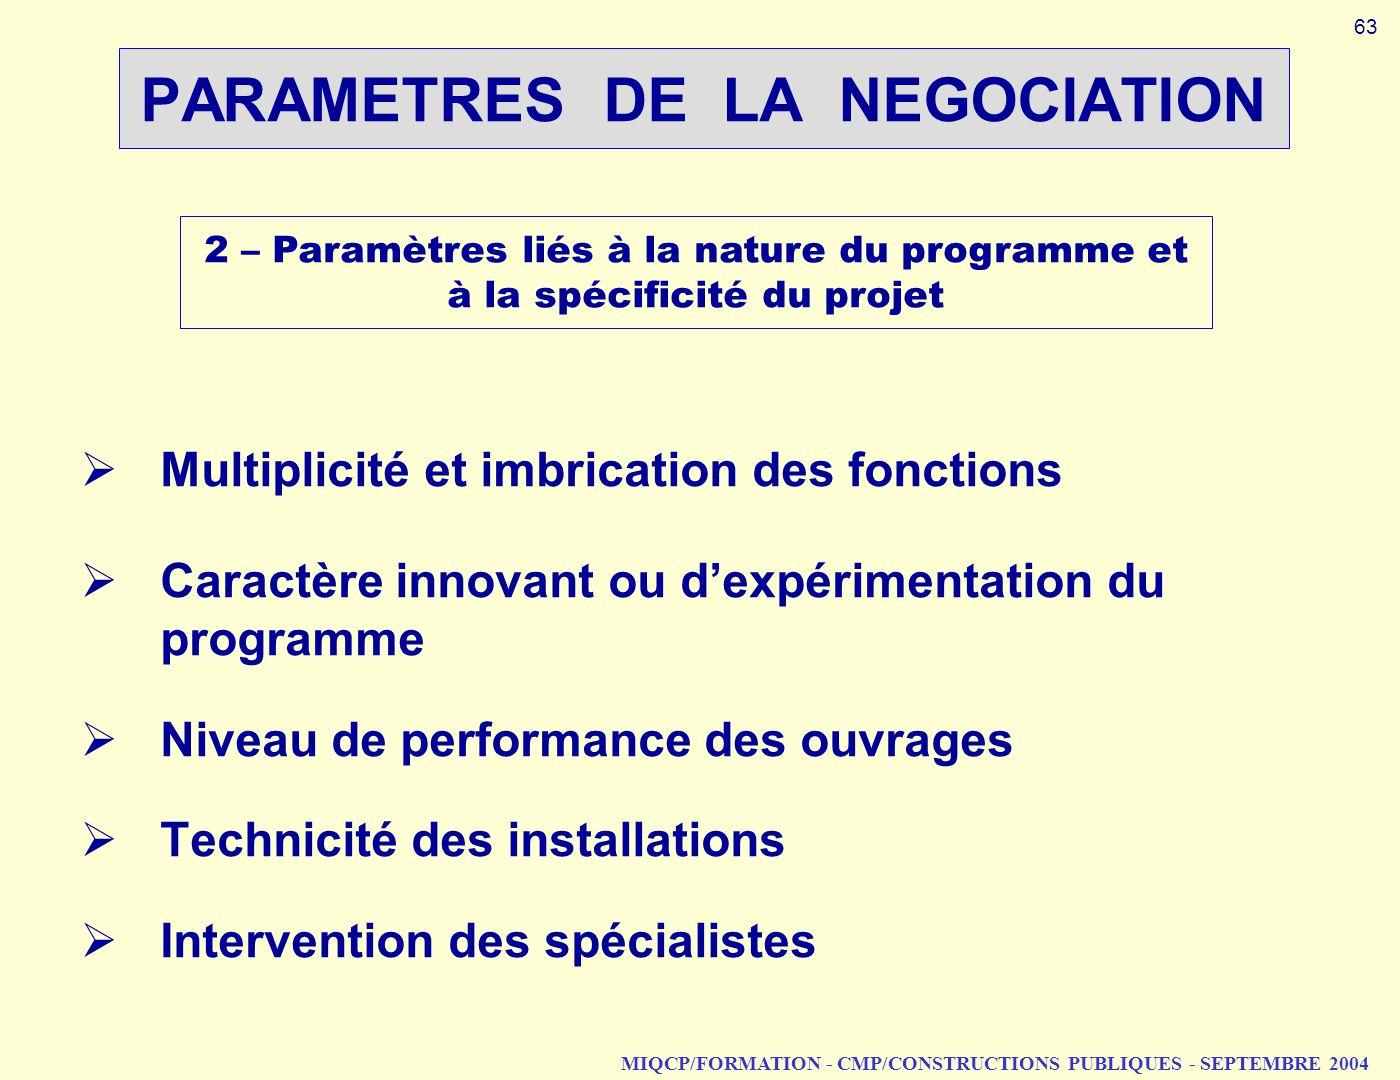 MIQCP/FORMATION - CMP/CONSTRUCTIONS PUBLIQUES - SEPTEMBRE 2004 PARAMETRES DE LA NEGOCIATION 2 – Paramètres liés à la nature du programme et à la spéci